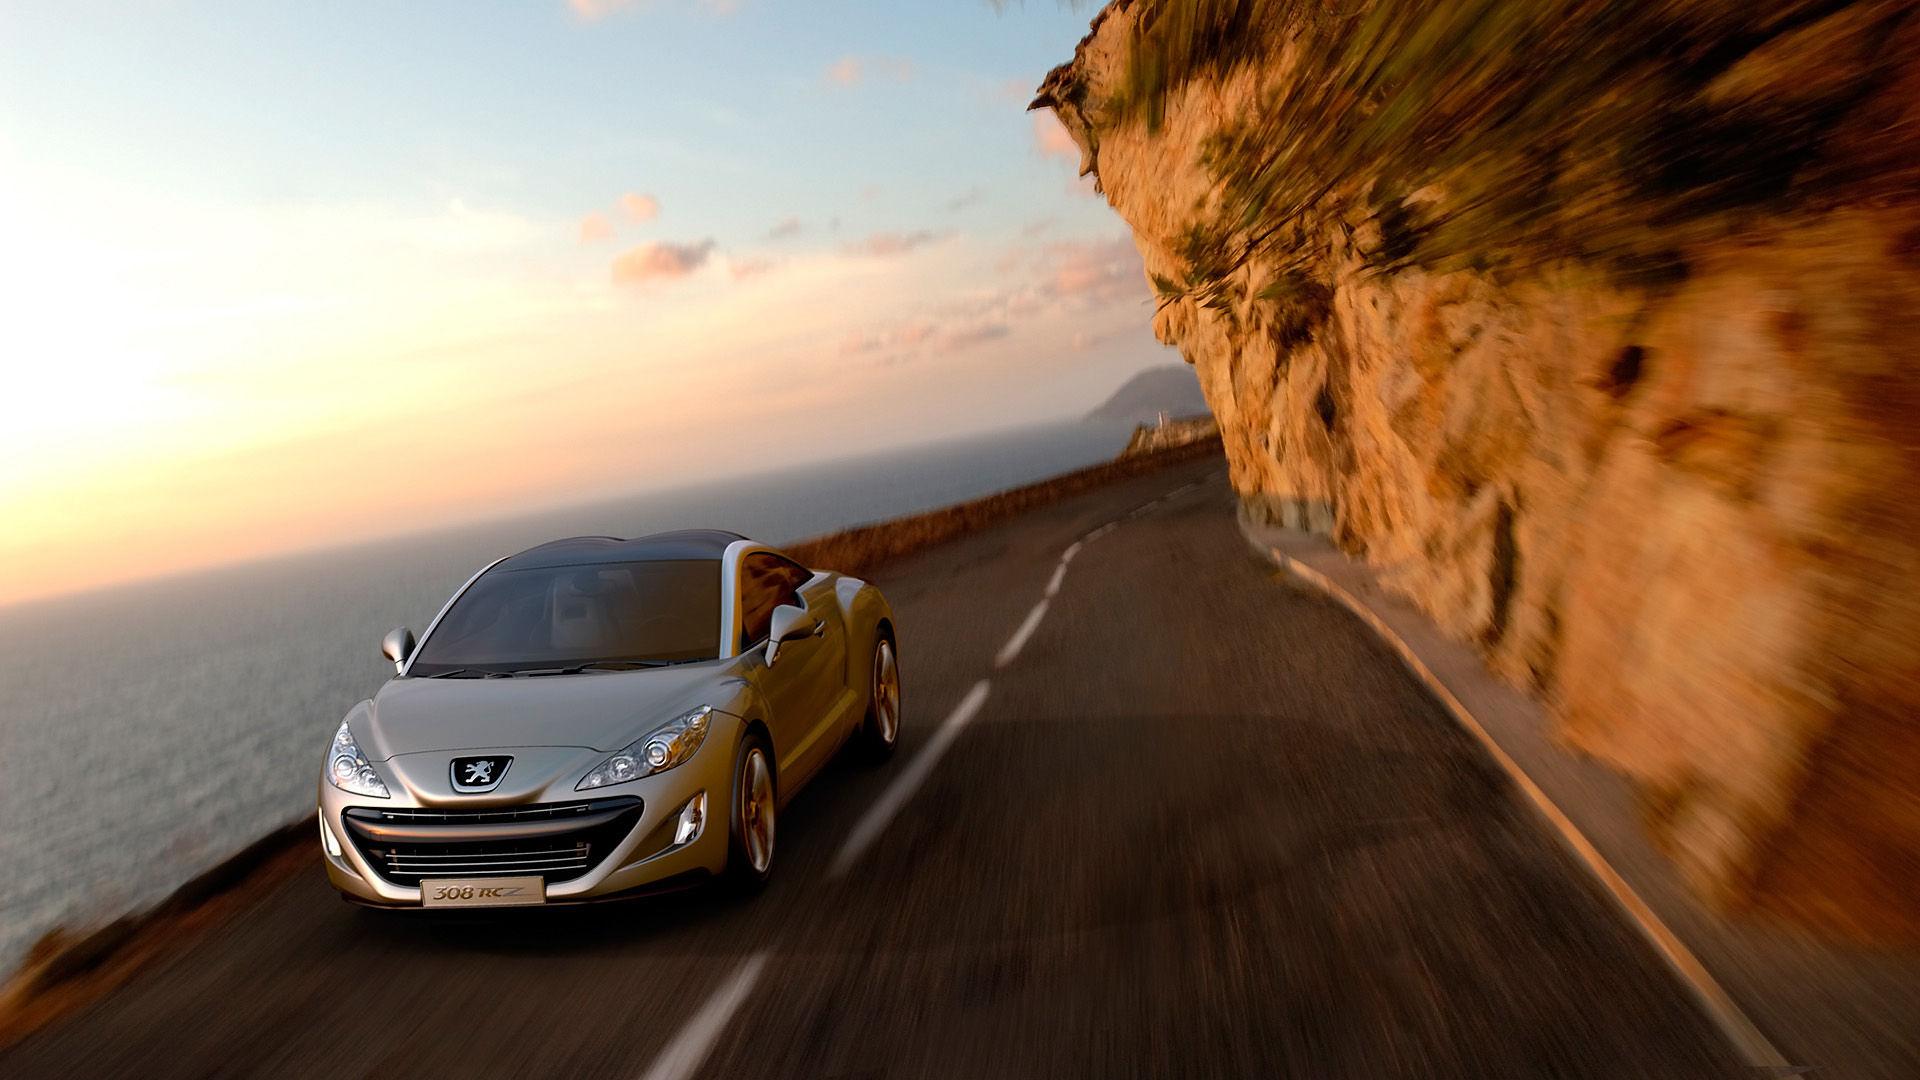 2007 Peugeot 308 RCZ Concept